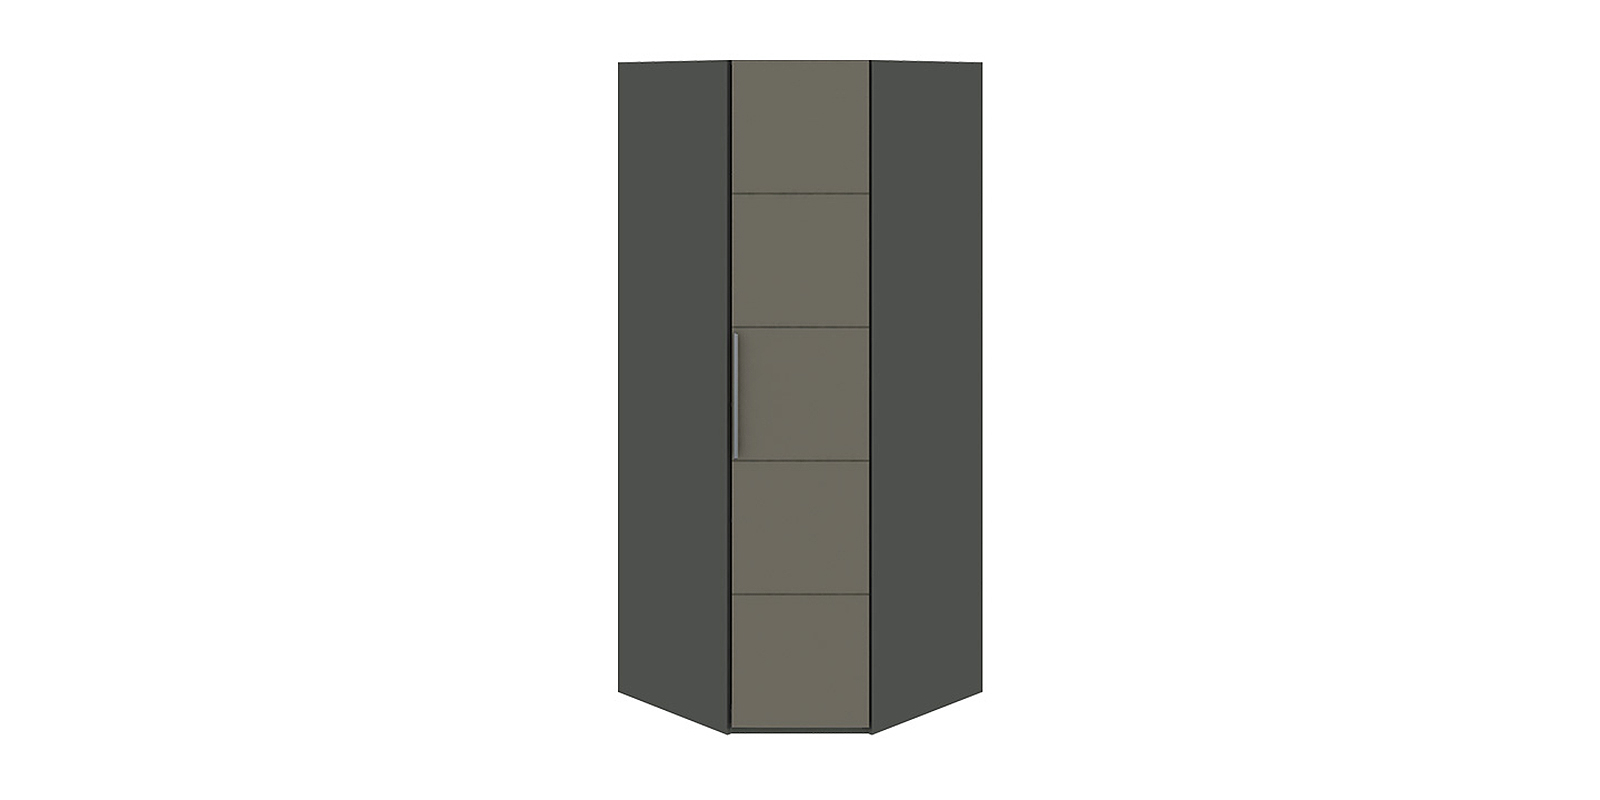 Шкаф распашной угловой Сорренто вариант №1 (серый/коричневый)